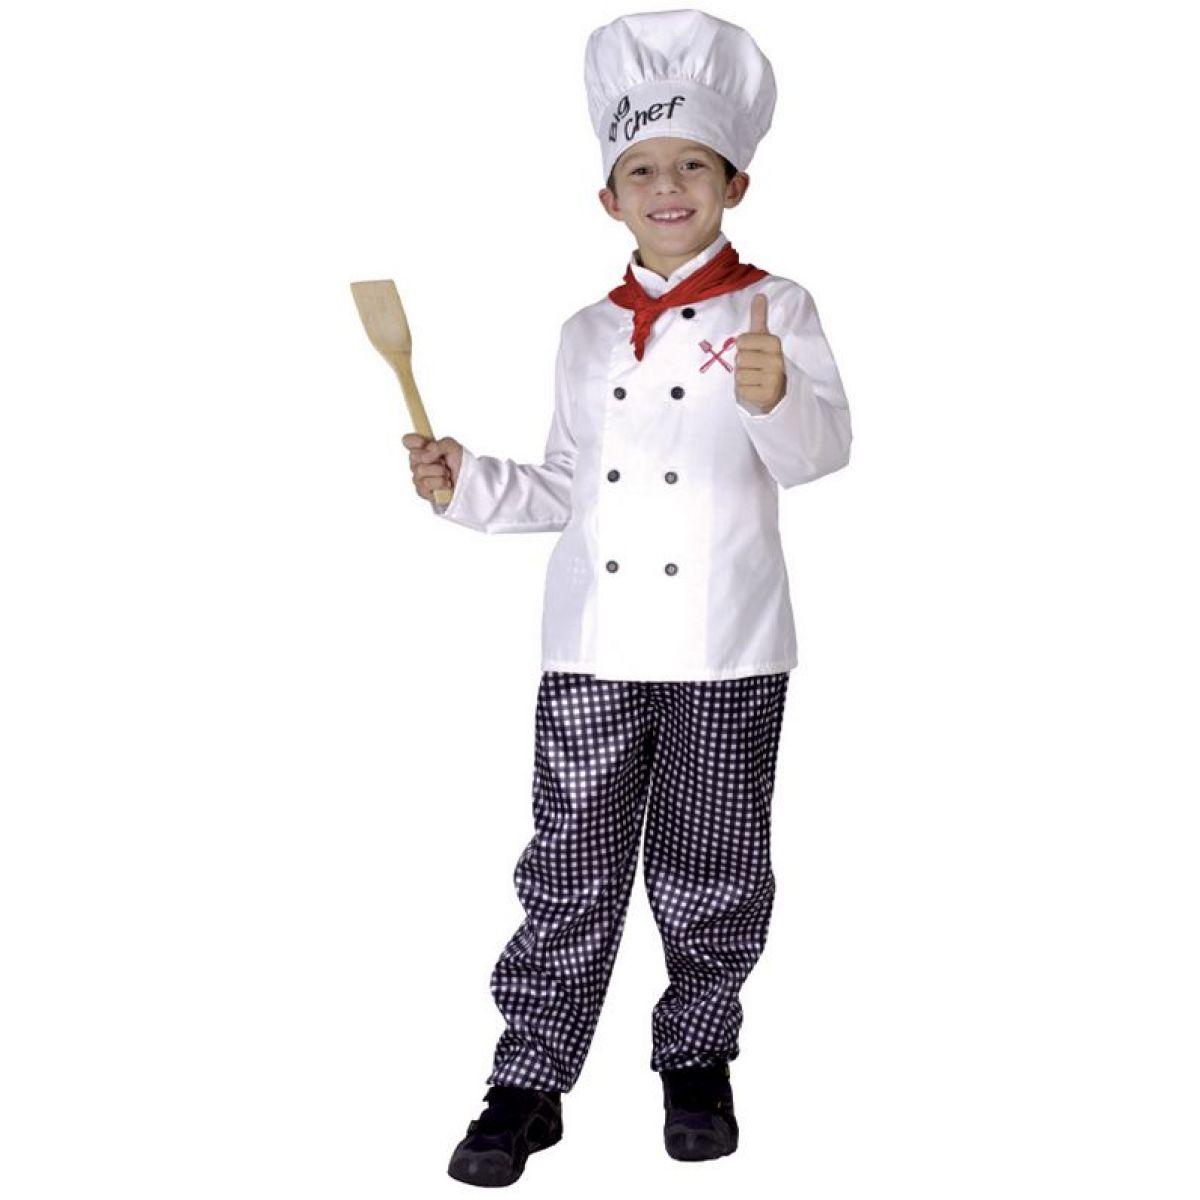 HM Studio Dětský kostým kuchař, 110-120 cm